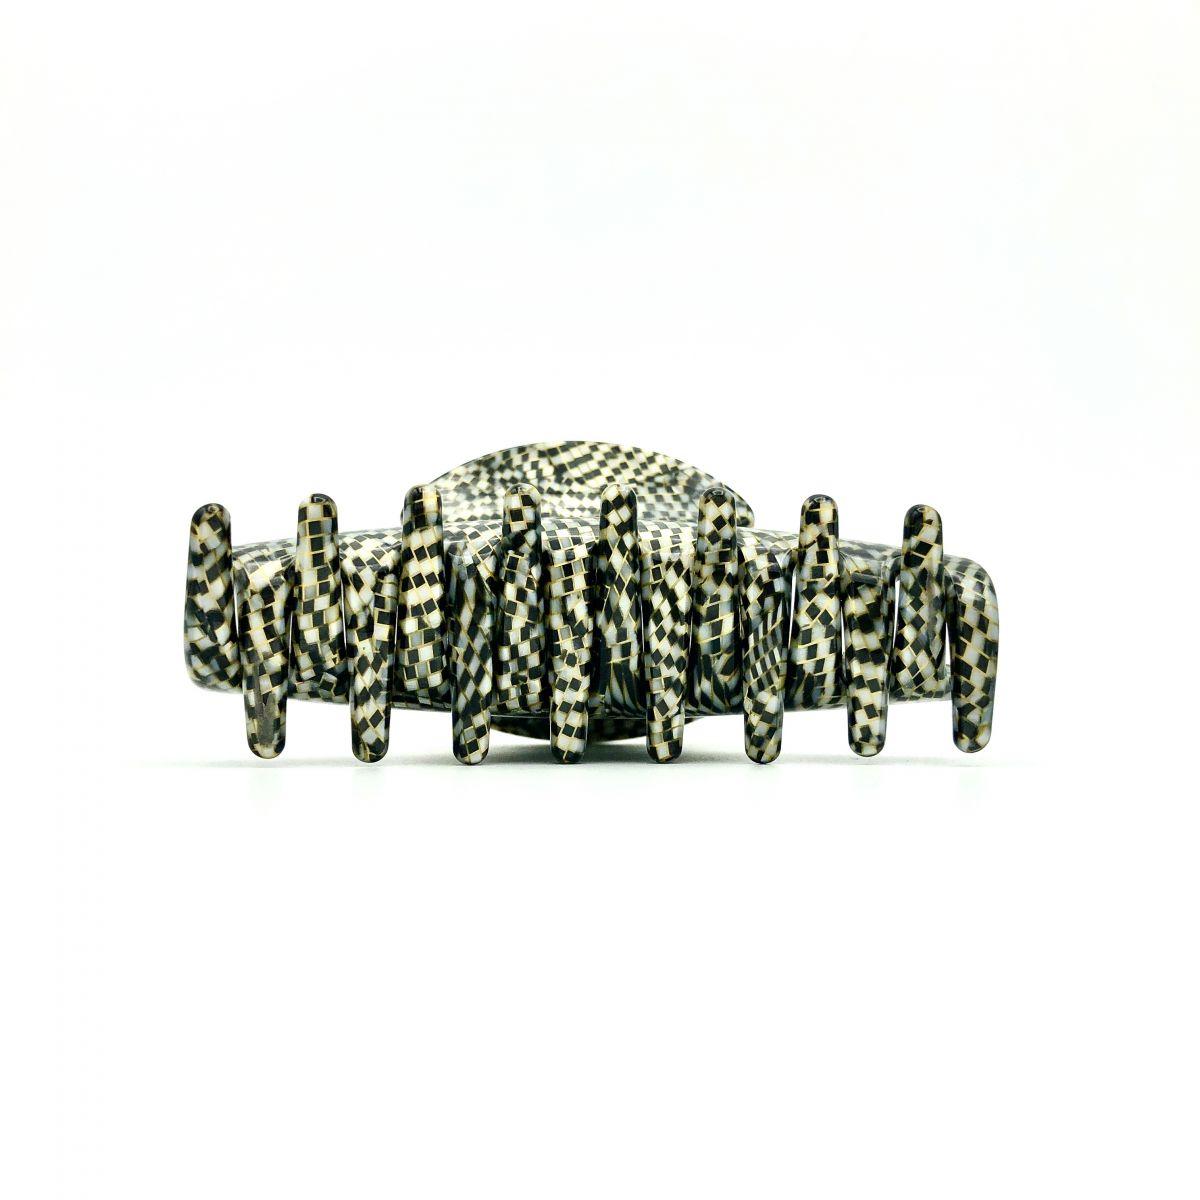 Haarklammer silbergrau/schwarz - mittel - 9 cm